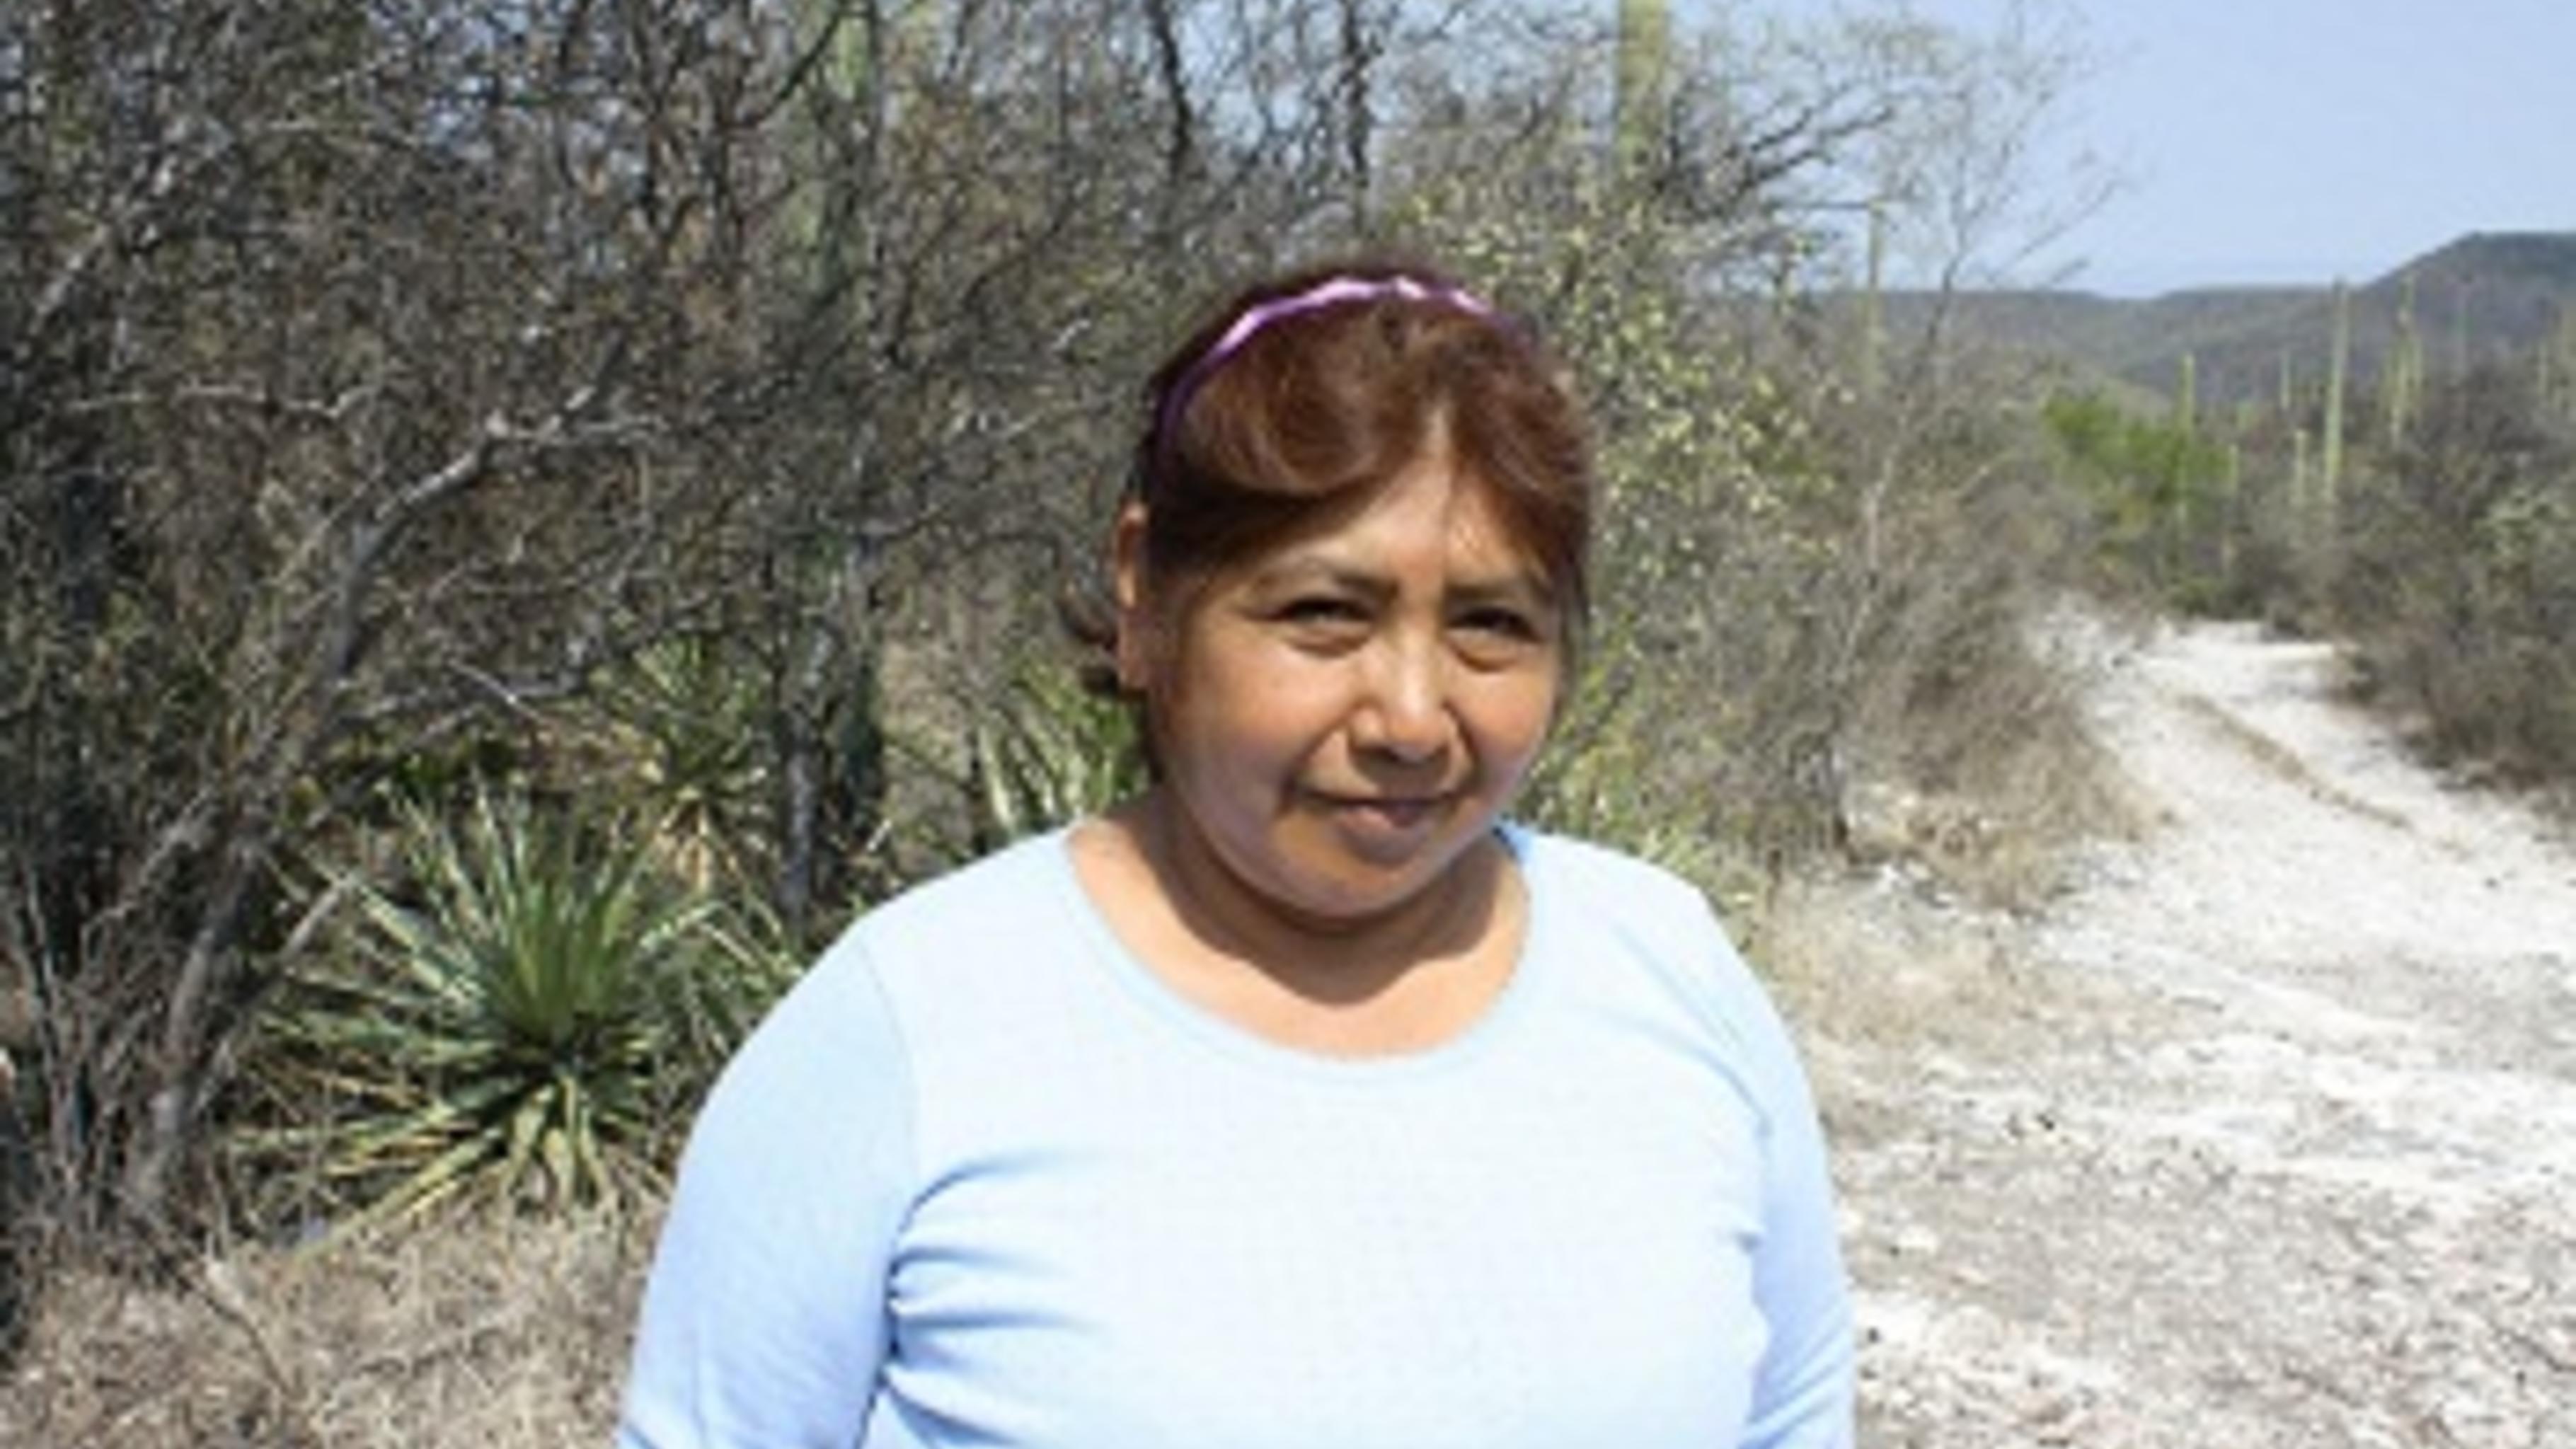 Oliveria Aguilar Perez, 53, Imkerin und Bäuerin © Brinicombe/Oxfam